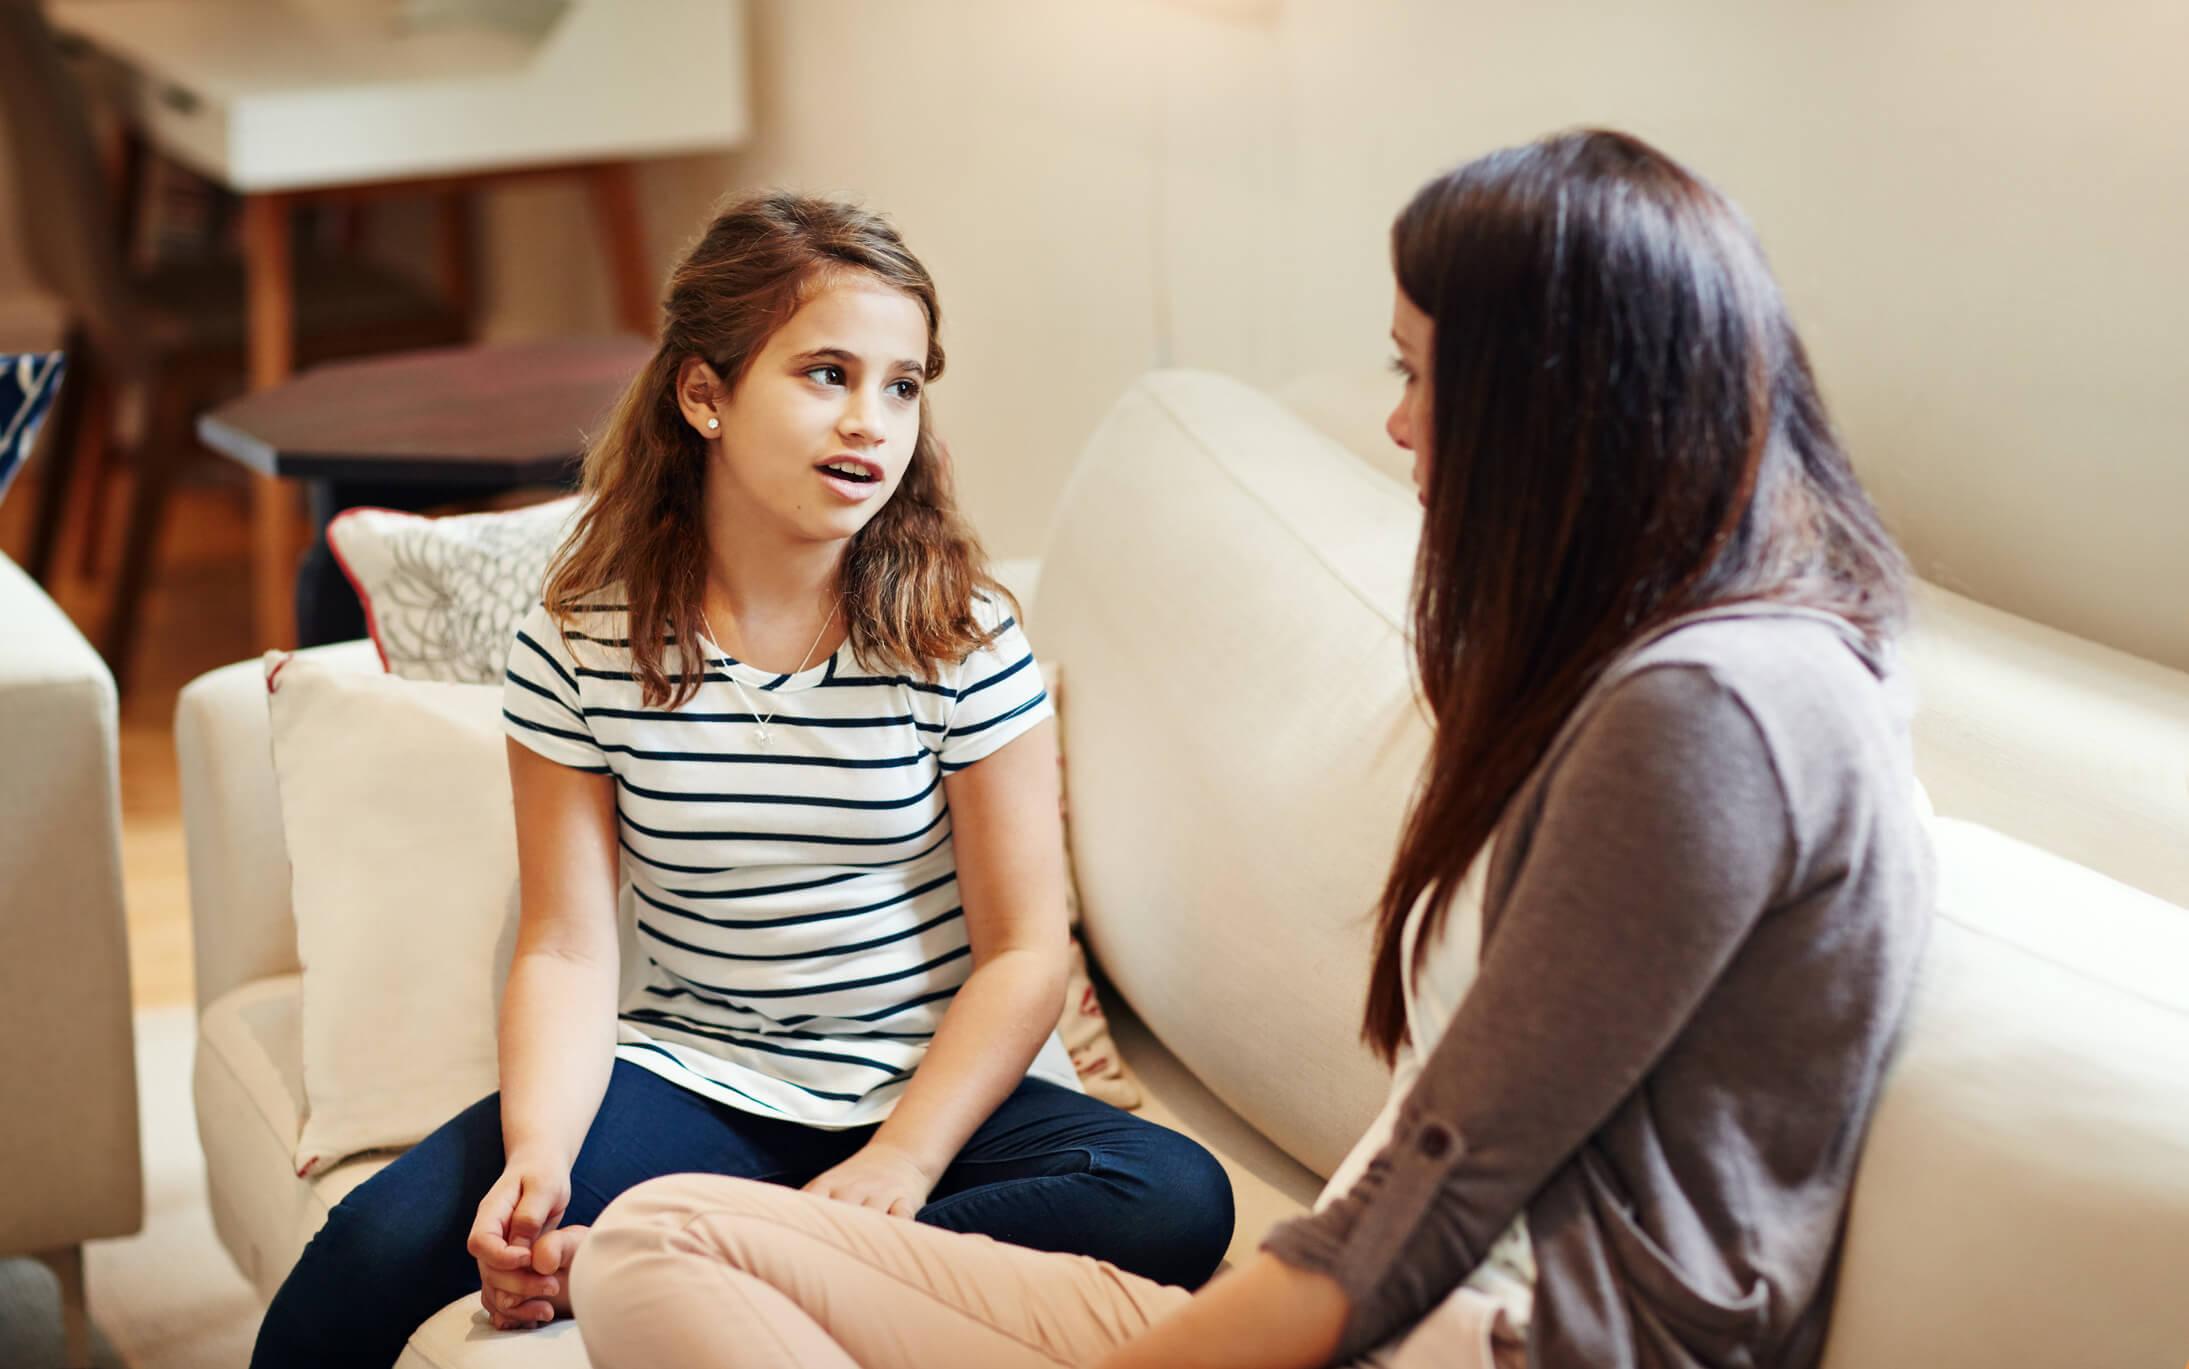 Dicas de como lidar com a fase da pré-adolescência dos filhos